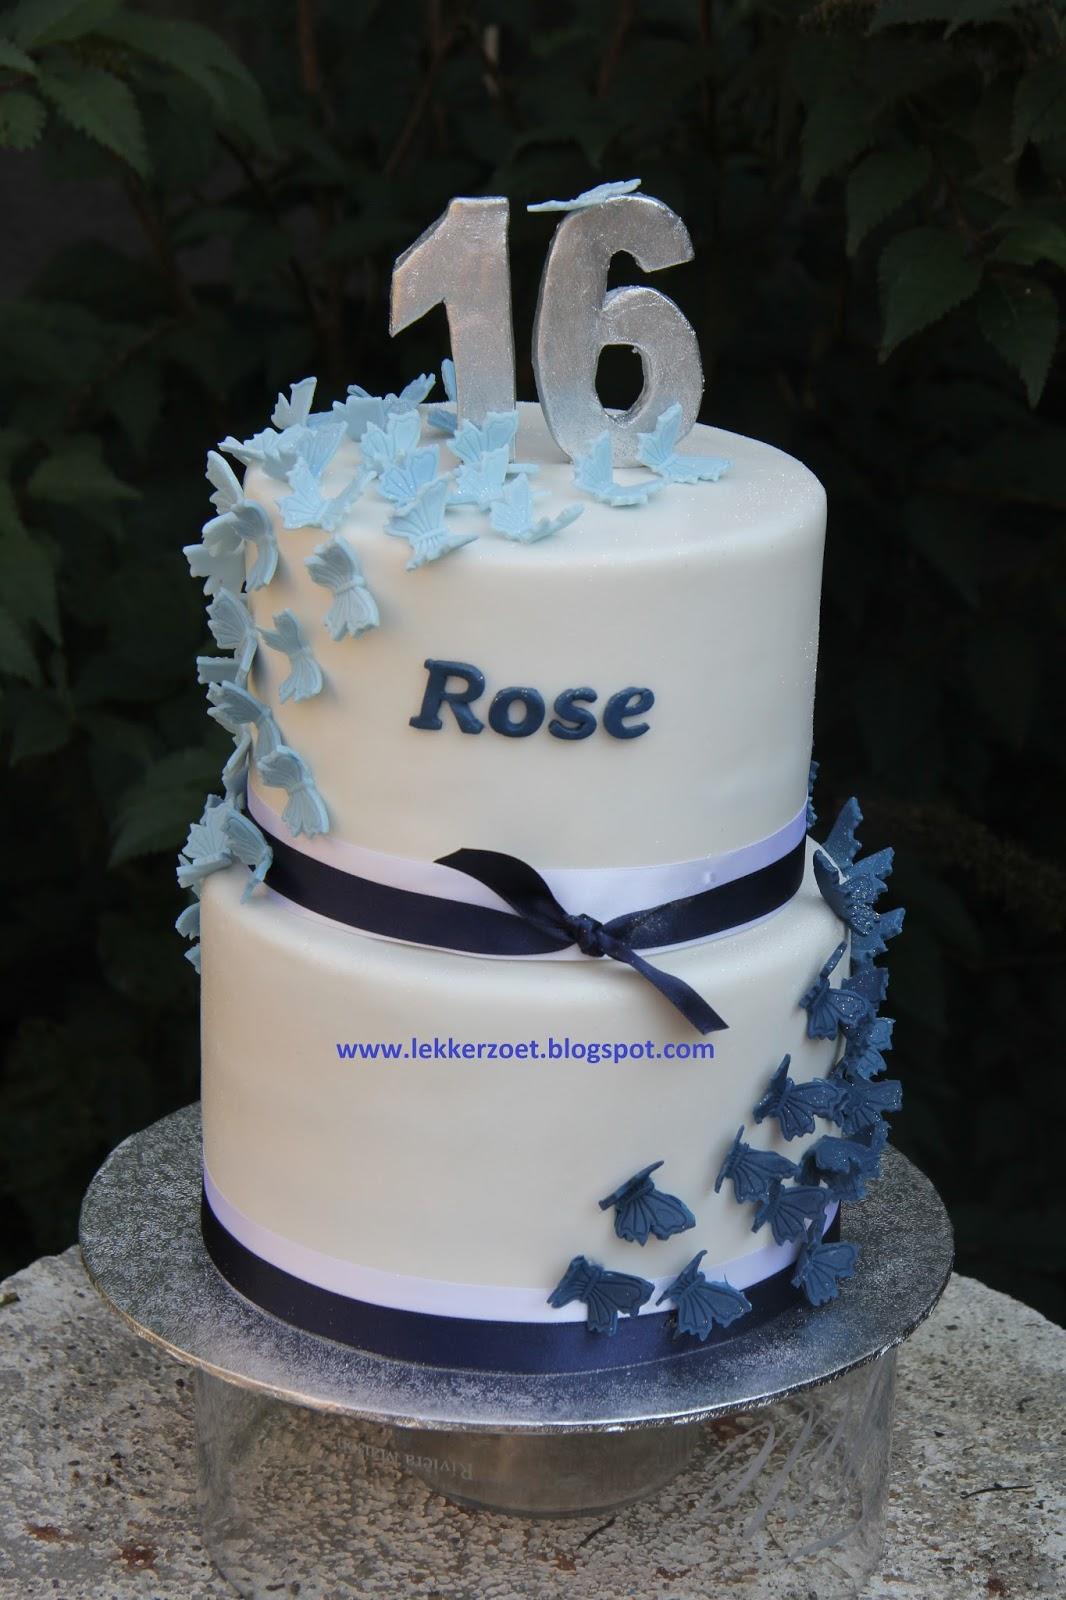 taart 16 jaar lekker zoet: vlinder taart Rose 16 jaar taart 16 jaar